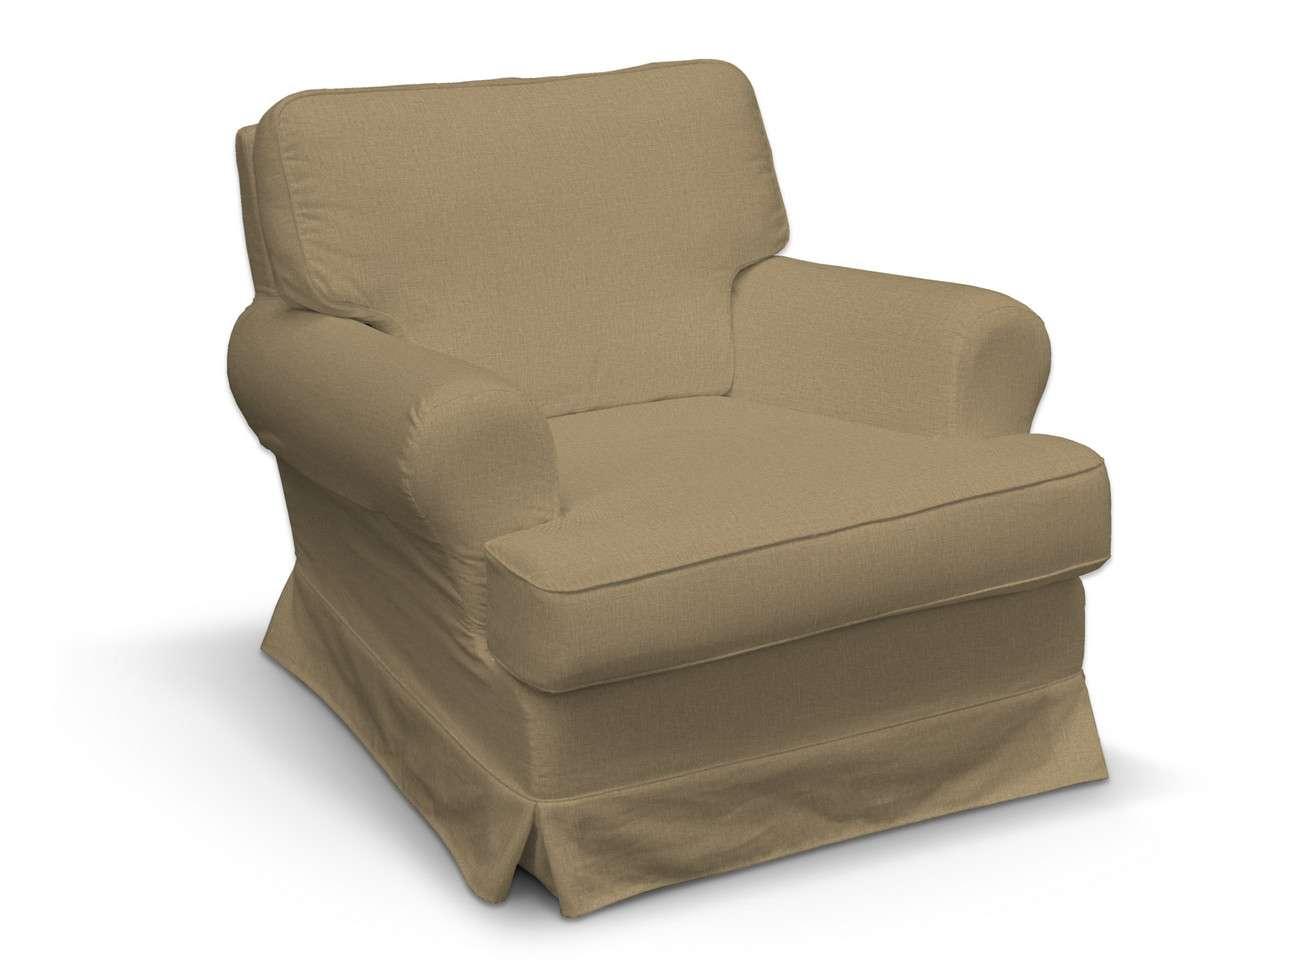 Bezug für Barkaby Sessel von der Kollektion Living, Stoff: 161-50